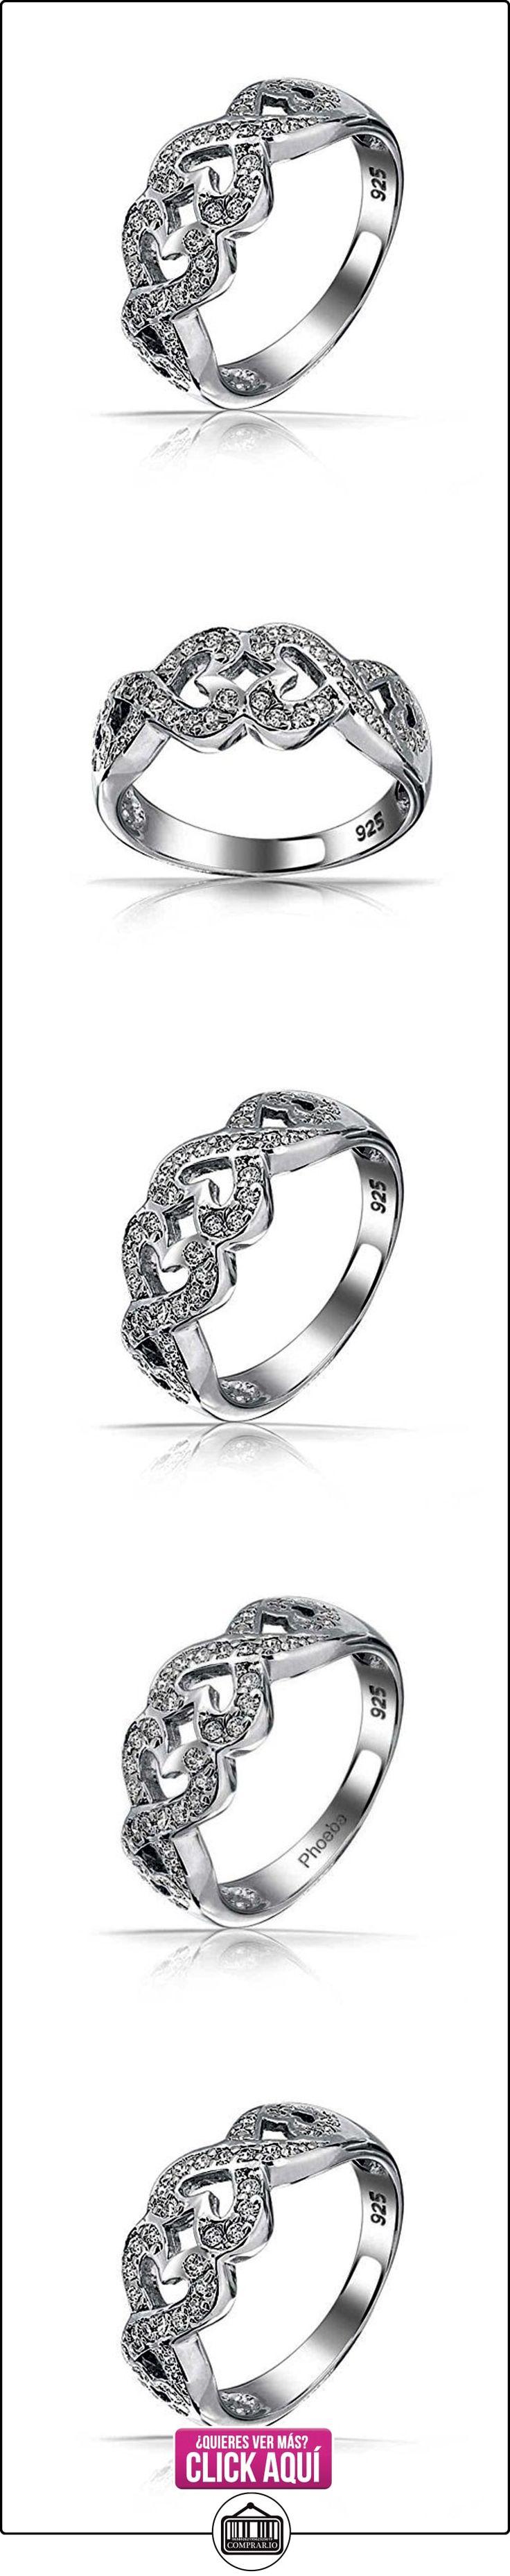 Bling Jewelry Plata Esterlina Beso Allanar CZ Anillo Infinito Corazón Anillo  ✿ Joyas para mujer - Las mejores ofertas ✿ ▬► Ver oferta: https://comprar.io/goto/B00EA08UDA